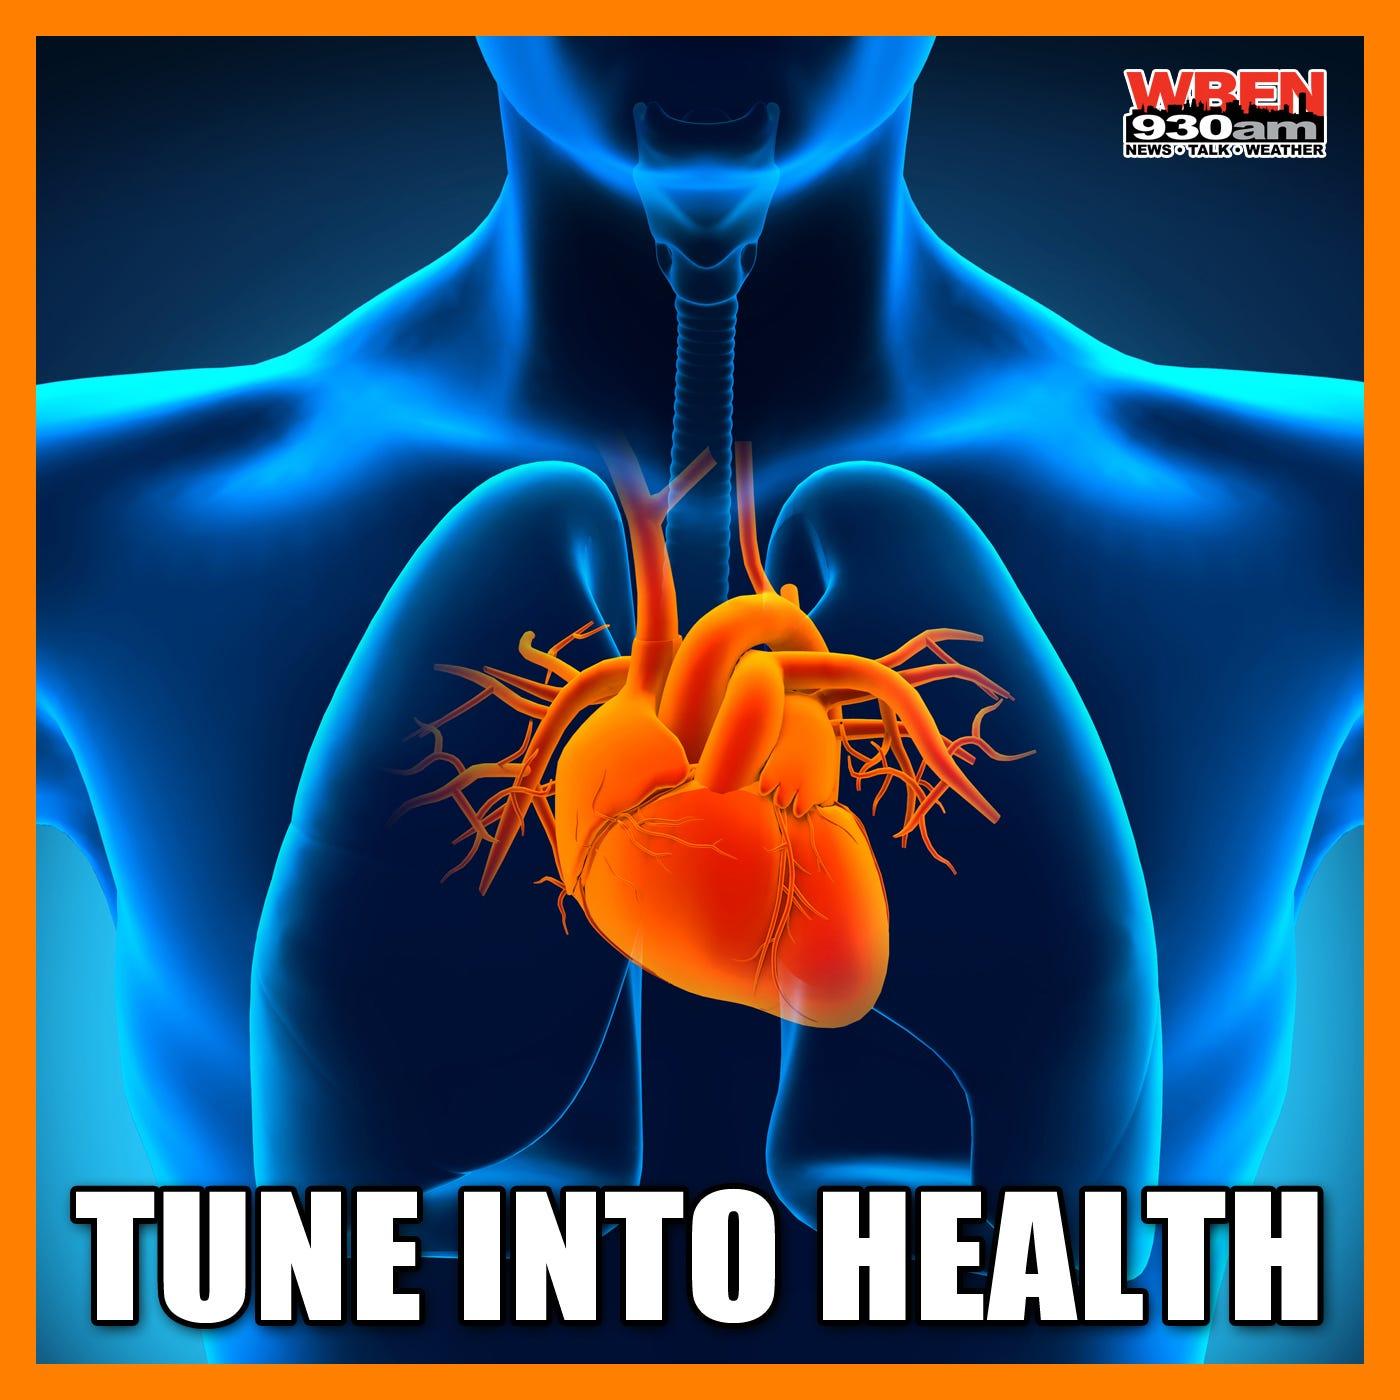 Tune Into Health